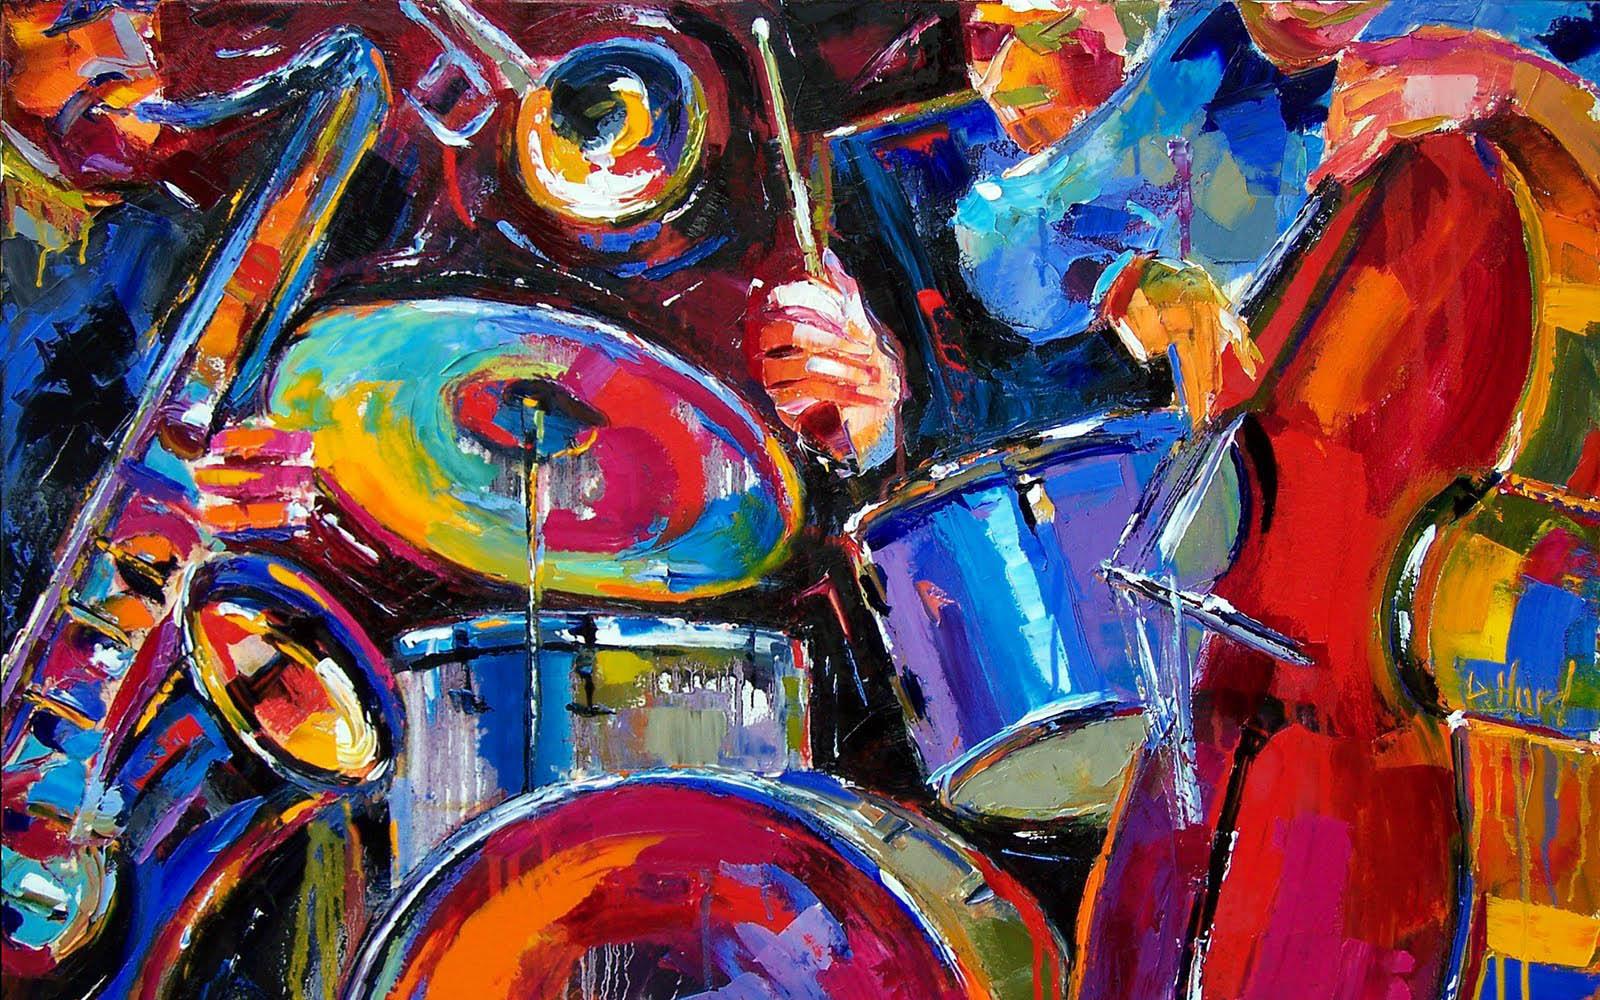 ジャズ音楽抽象芸術 現代美術の壁紙 1600x1000 Wallpapertip